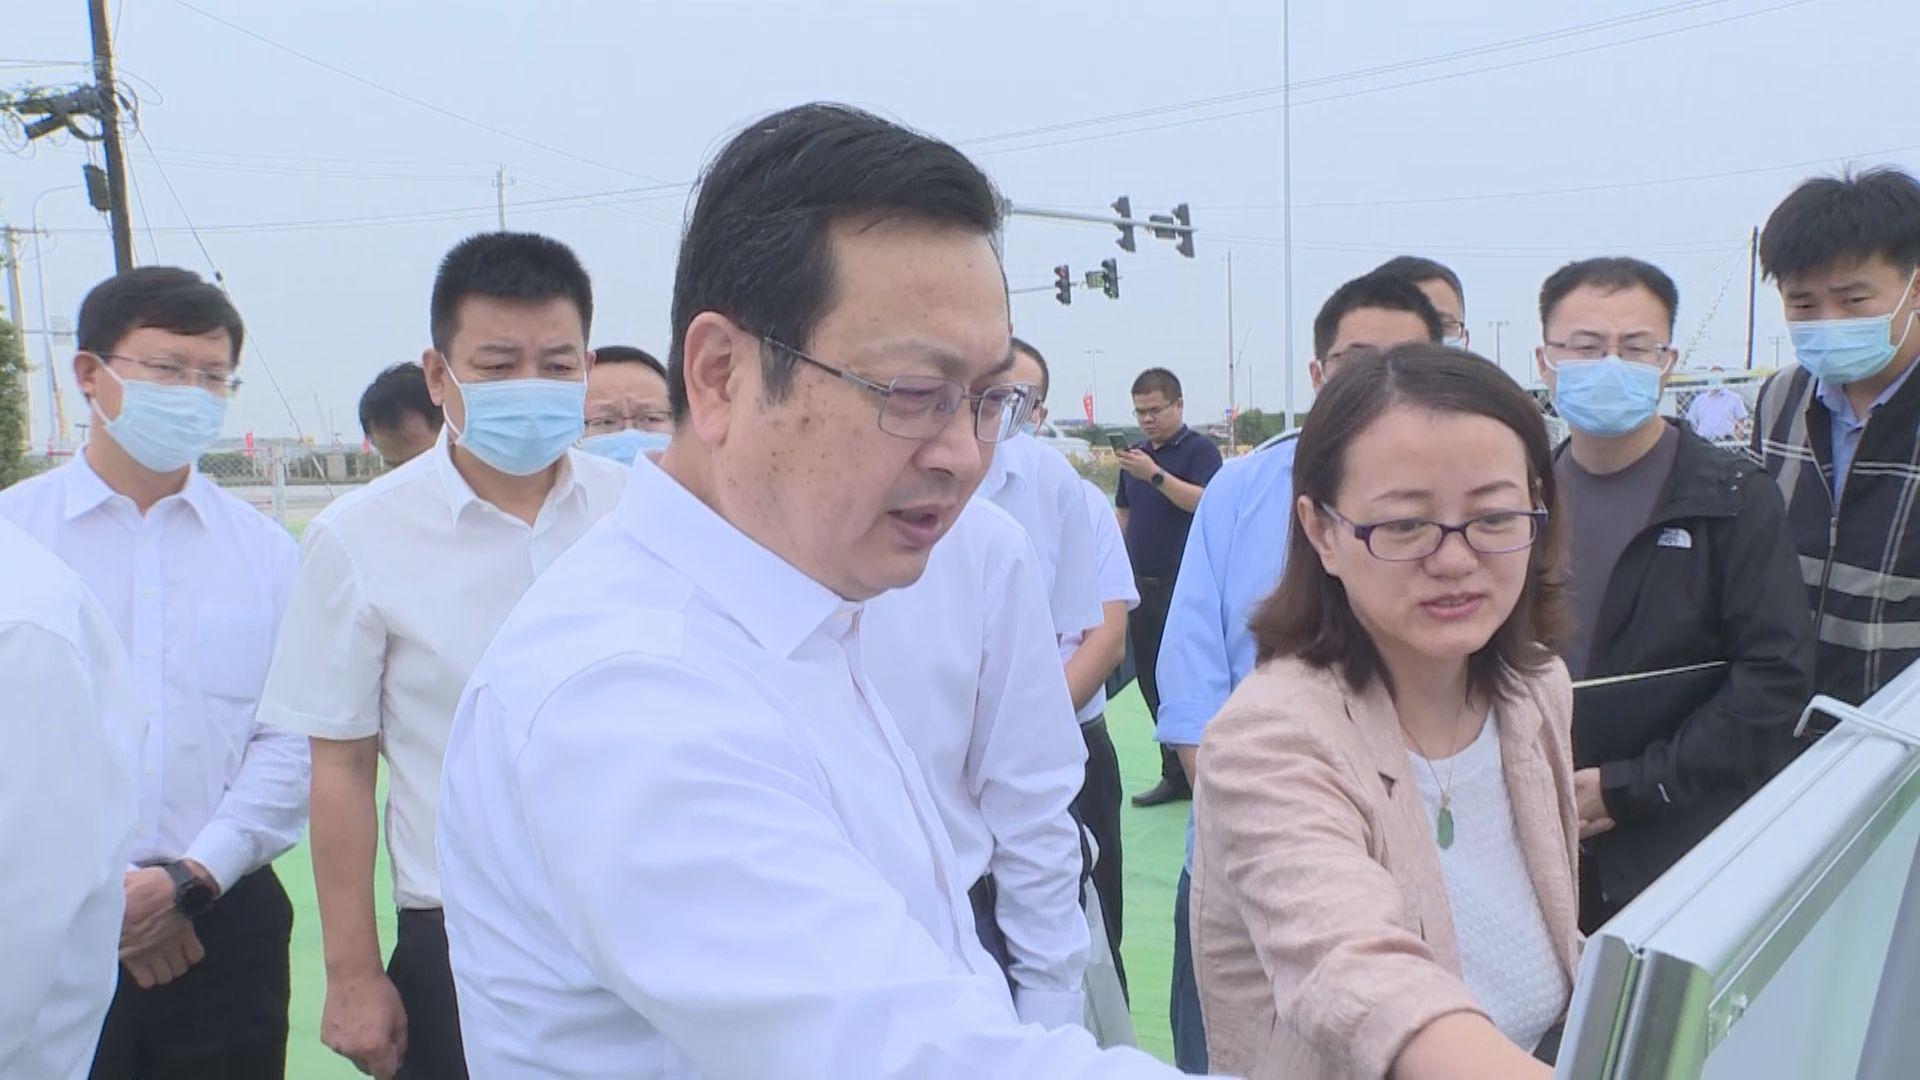 张国华调研雄安新区主要交通廊道沿线环境整治提升项目